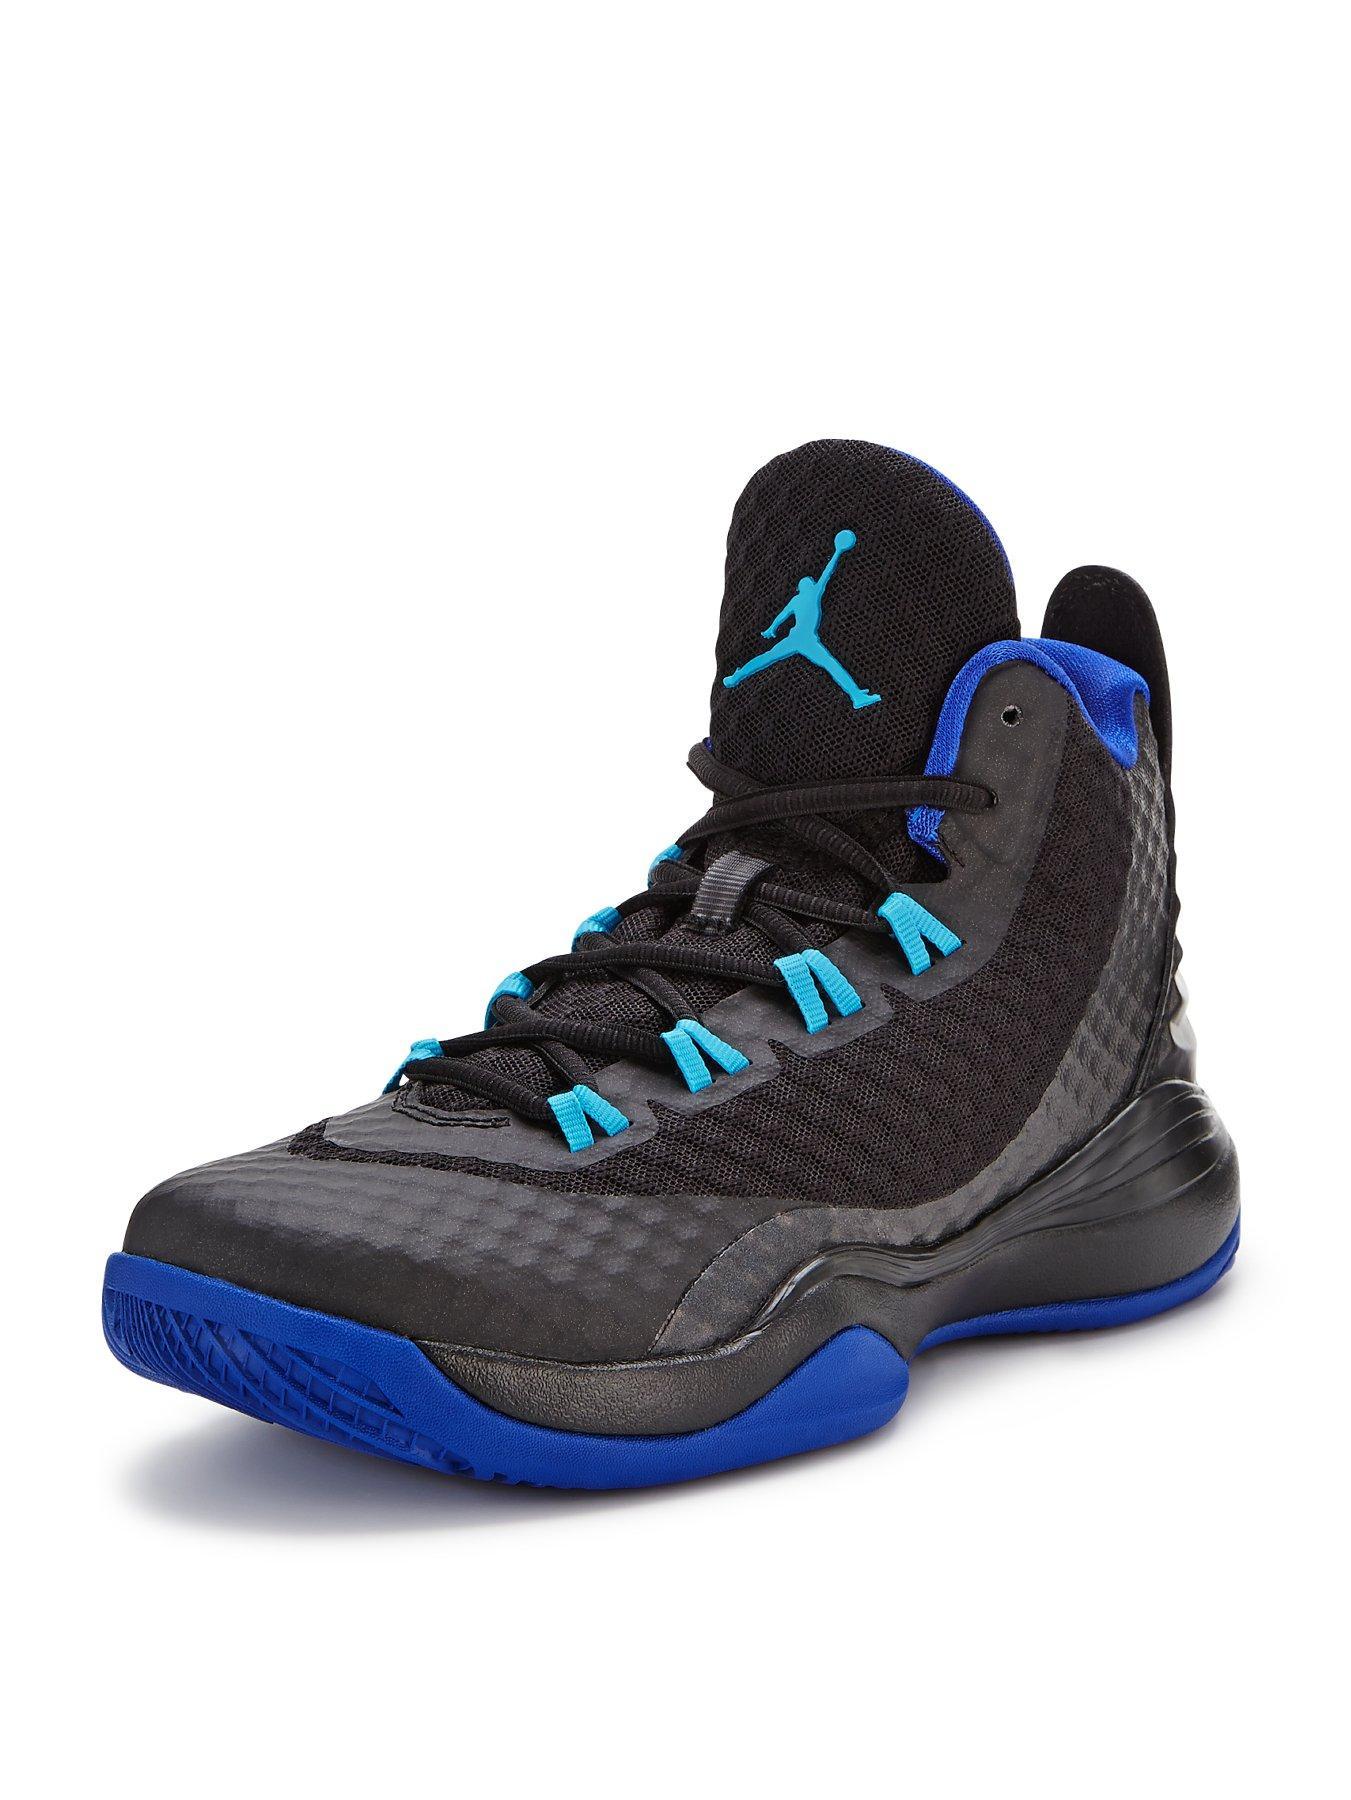 womens nike hyperdunk basketball shoes. junior nike basketball shoes womens hyperdunk s